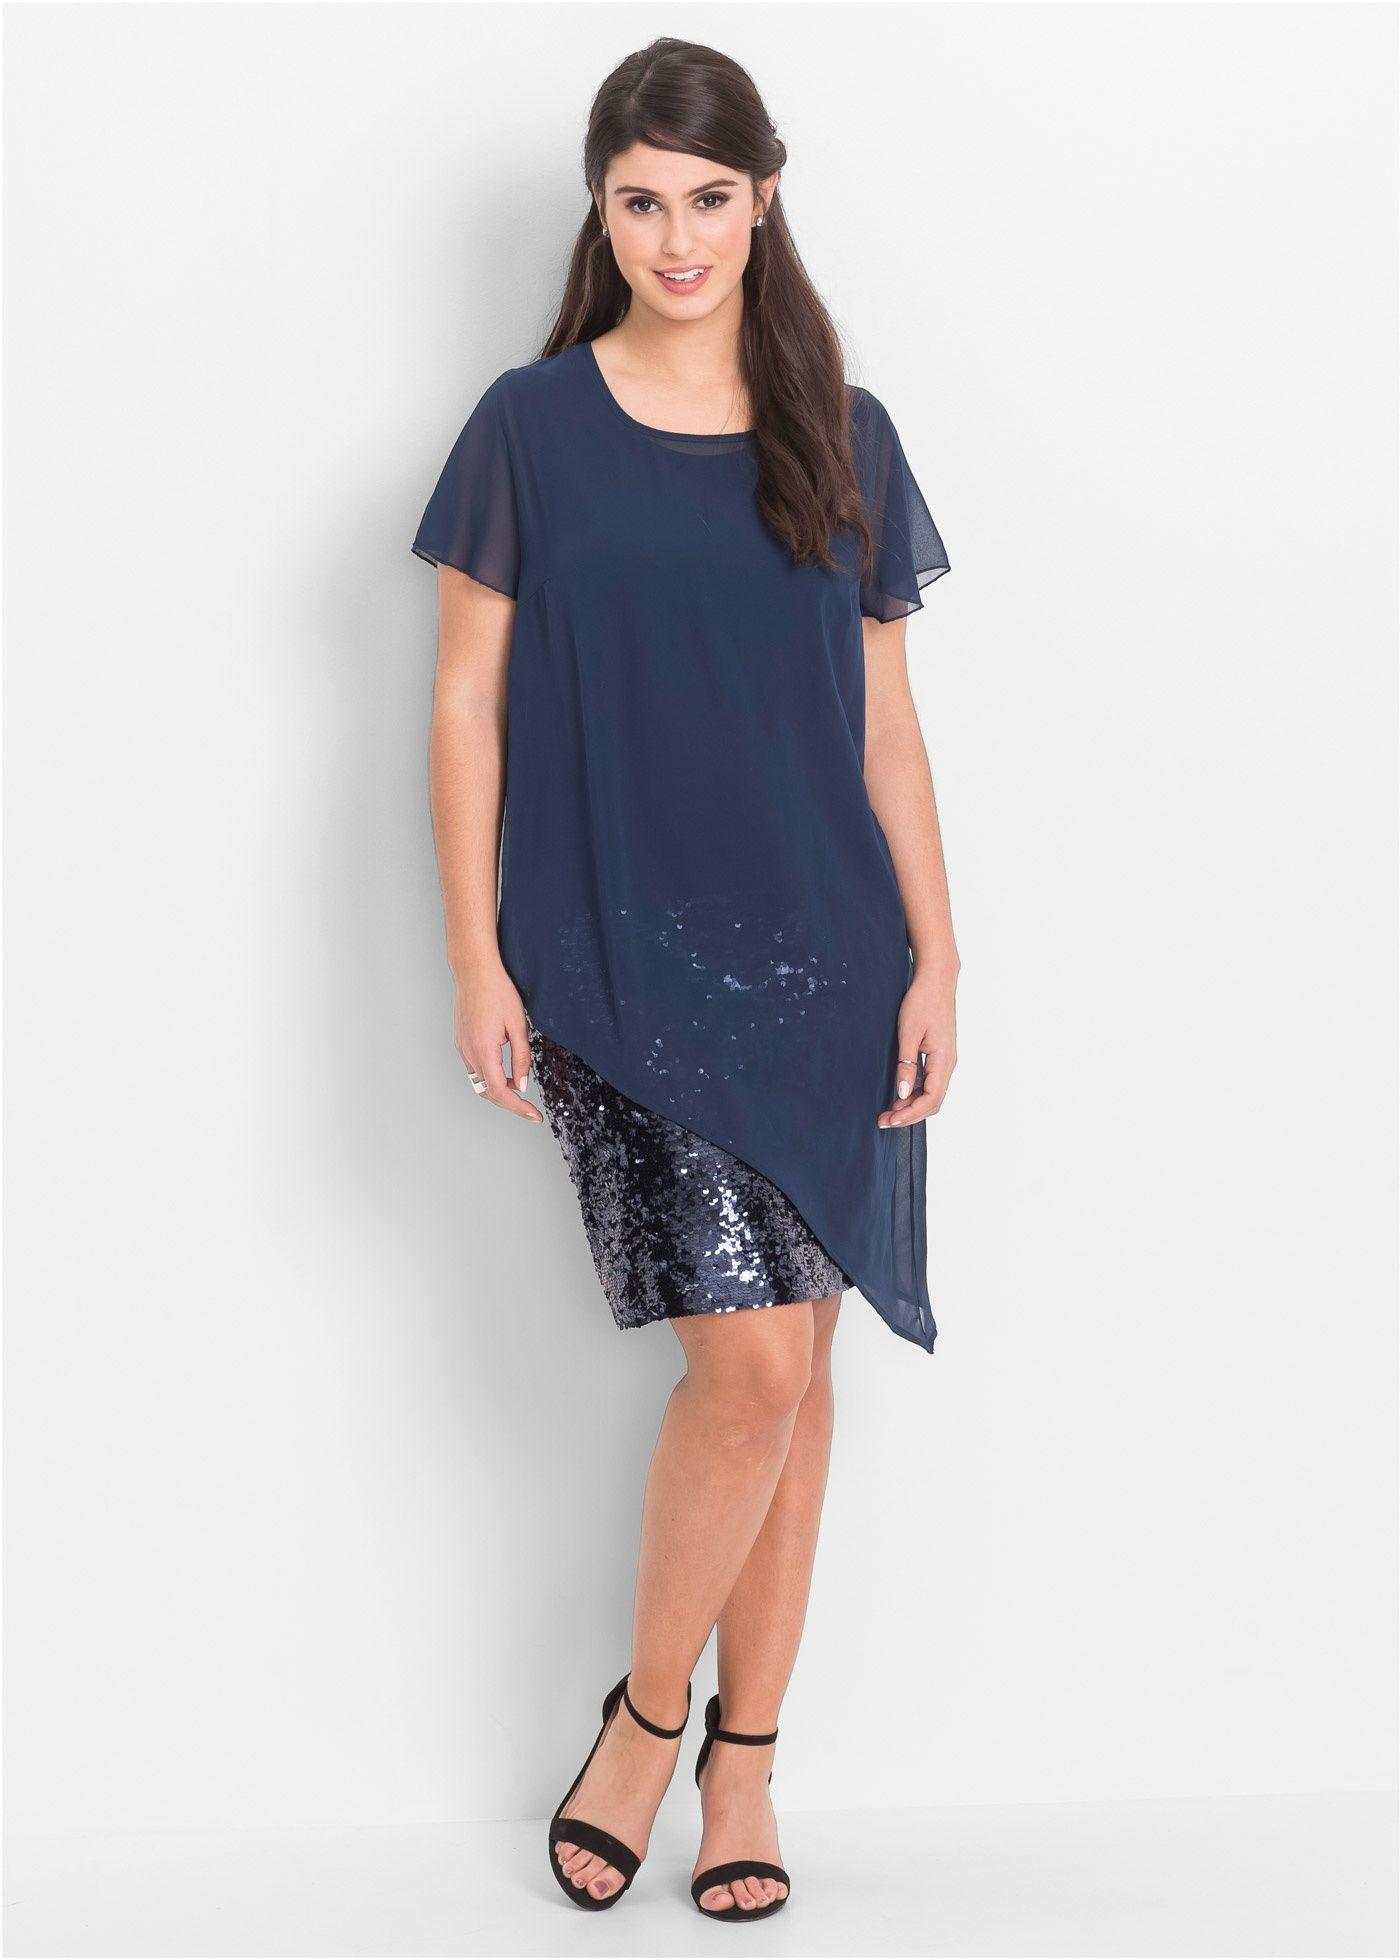 Schickes Kleid in Doppel-Lagen-Optik | Pailletten, Cocktails und ...